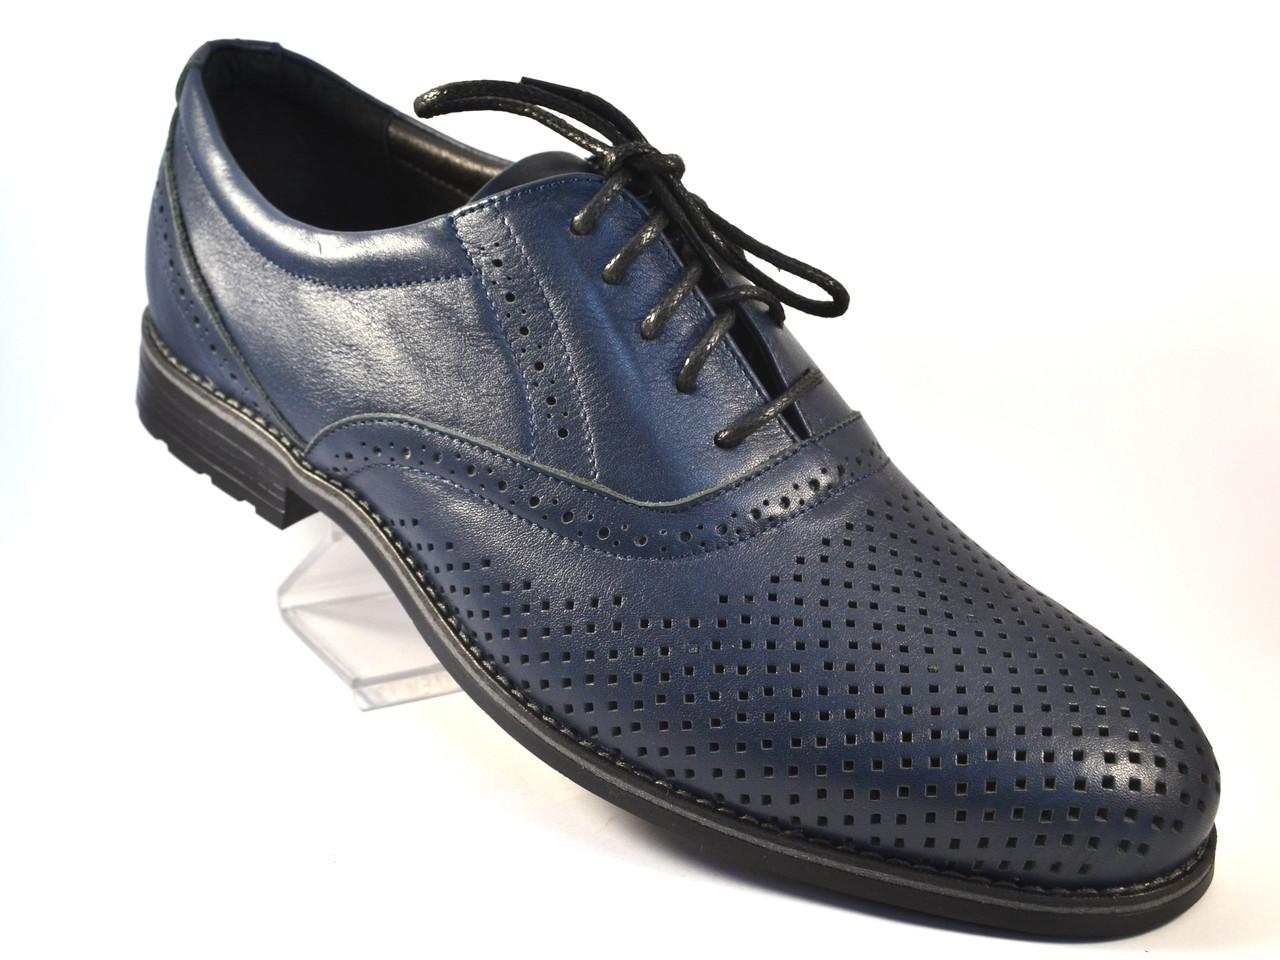 Большой размер обуви летние мужские туфли кожаные синие в сеточку Rosso Avangard Felicite Blu Perf, фото 1